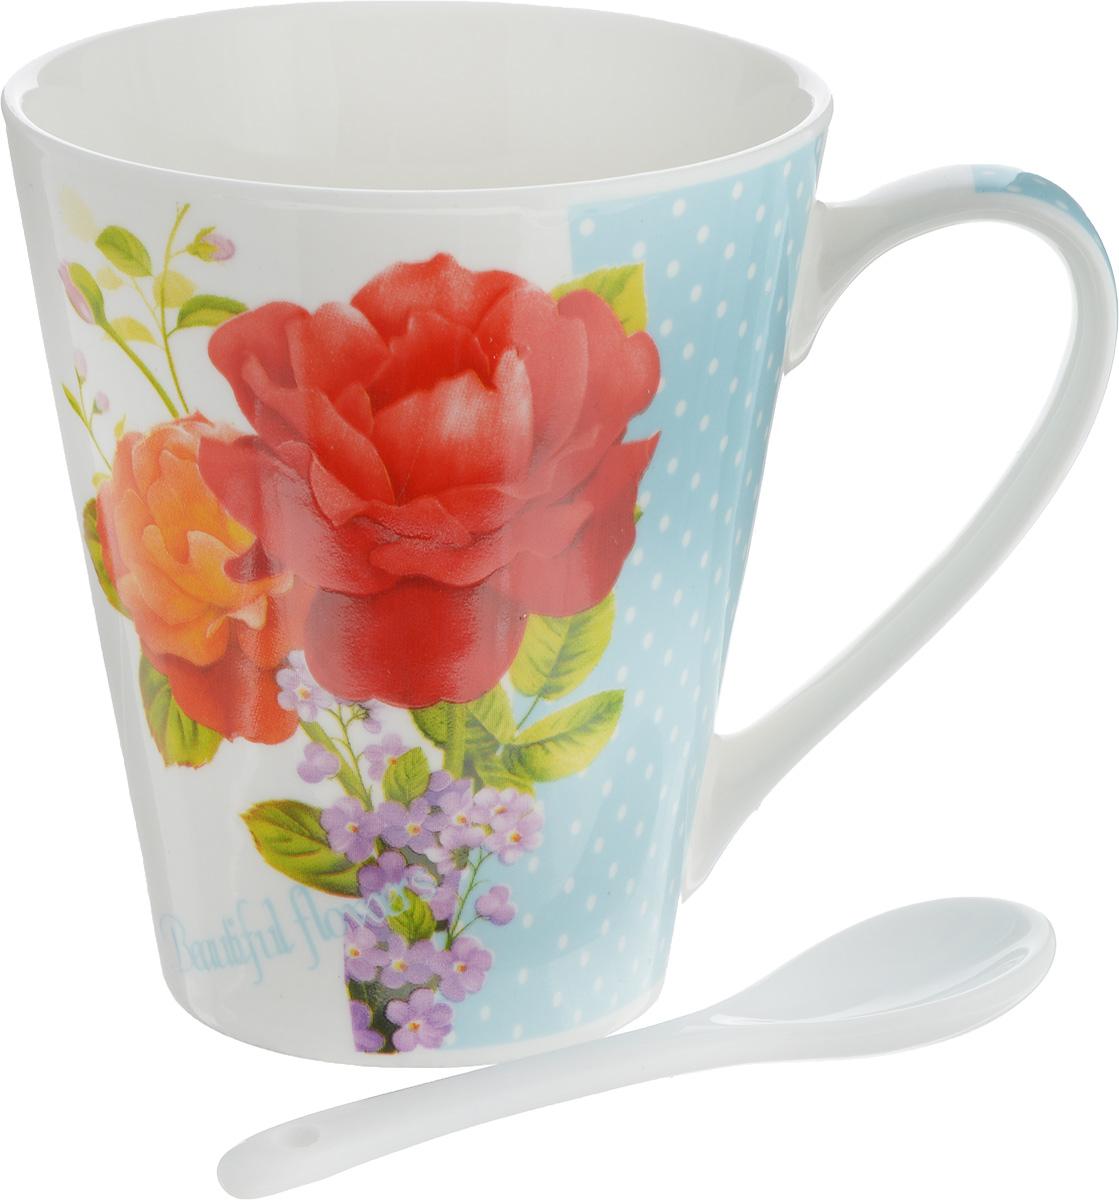 Кружка Доляна Садовые цветы. Розы, с ложкой, 300 мл103070_розыКружка Доляна Садовые цветы. Розы изготовлена из высококачественной керамики. Изделие оформлено красочным рисунком и покрыто превосходной сверкающей глазурью. Изысканная кружка прекрасно оформит стол к чаепитию и станет его неизменным атрибутом.В комплект входит чайная ложка.Диаметр кружки (по верхнему краю): 8,5 см.Высота кружки: 10 см.Длина ложки: 10 см.Размер рабочей части ложки: 4 х 2,5 см.